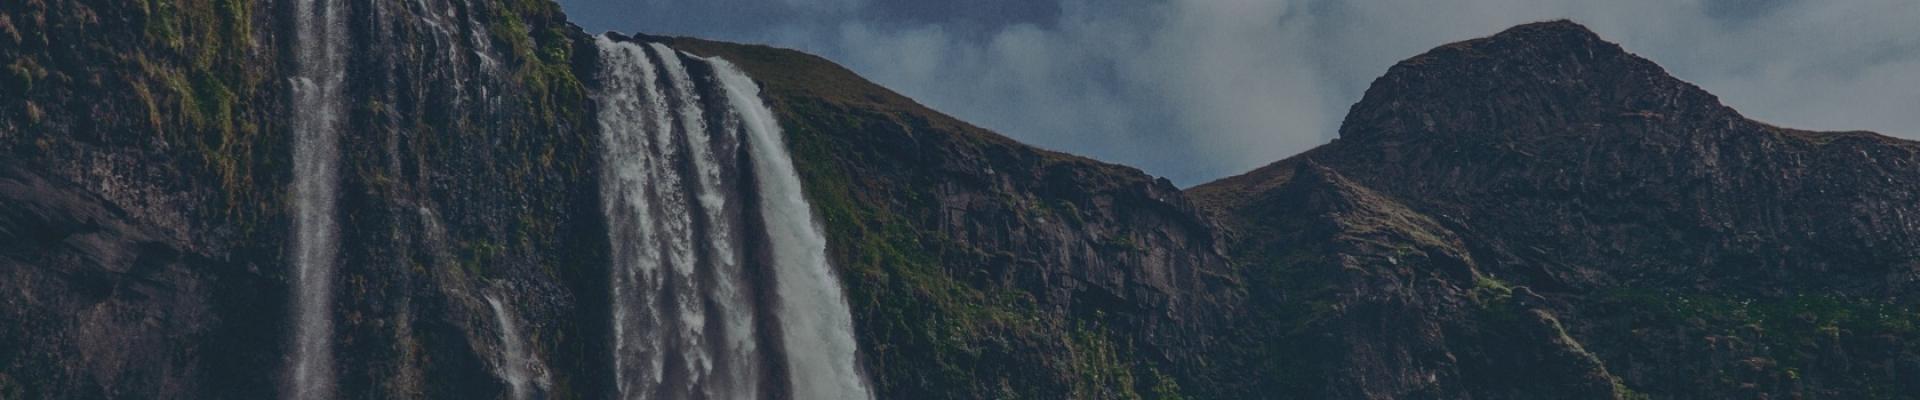 Garbett Point trek in Maharashtra